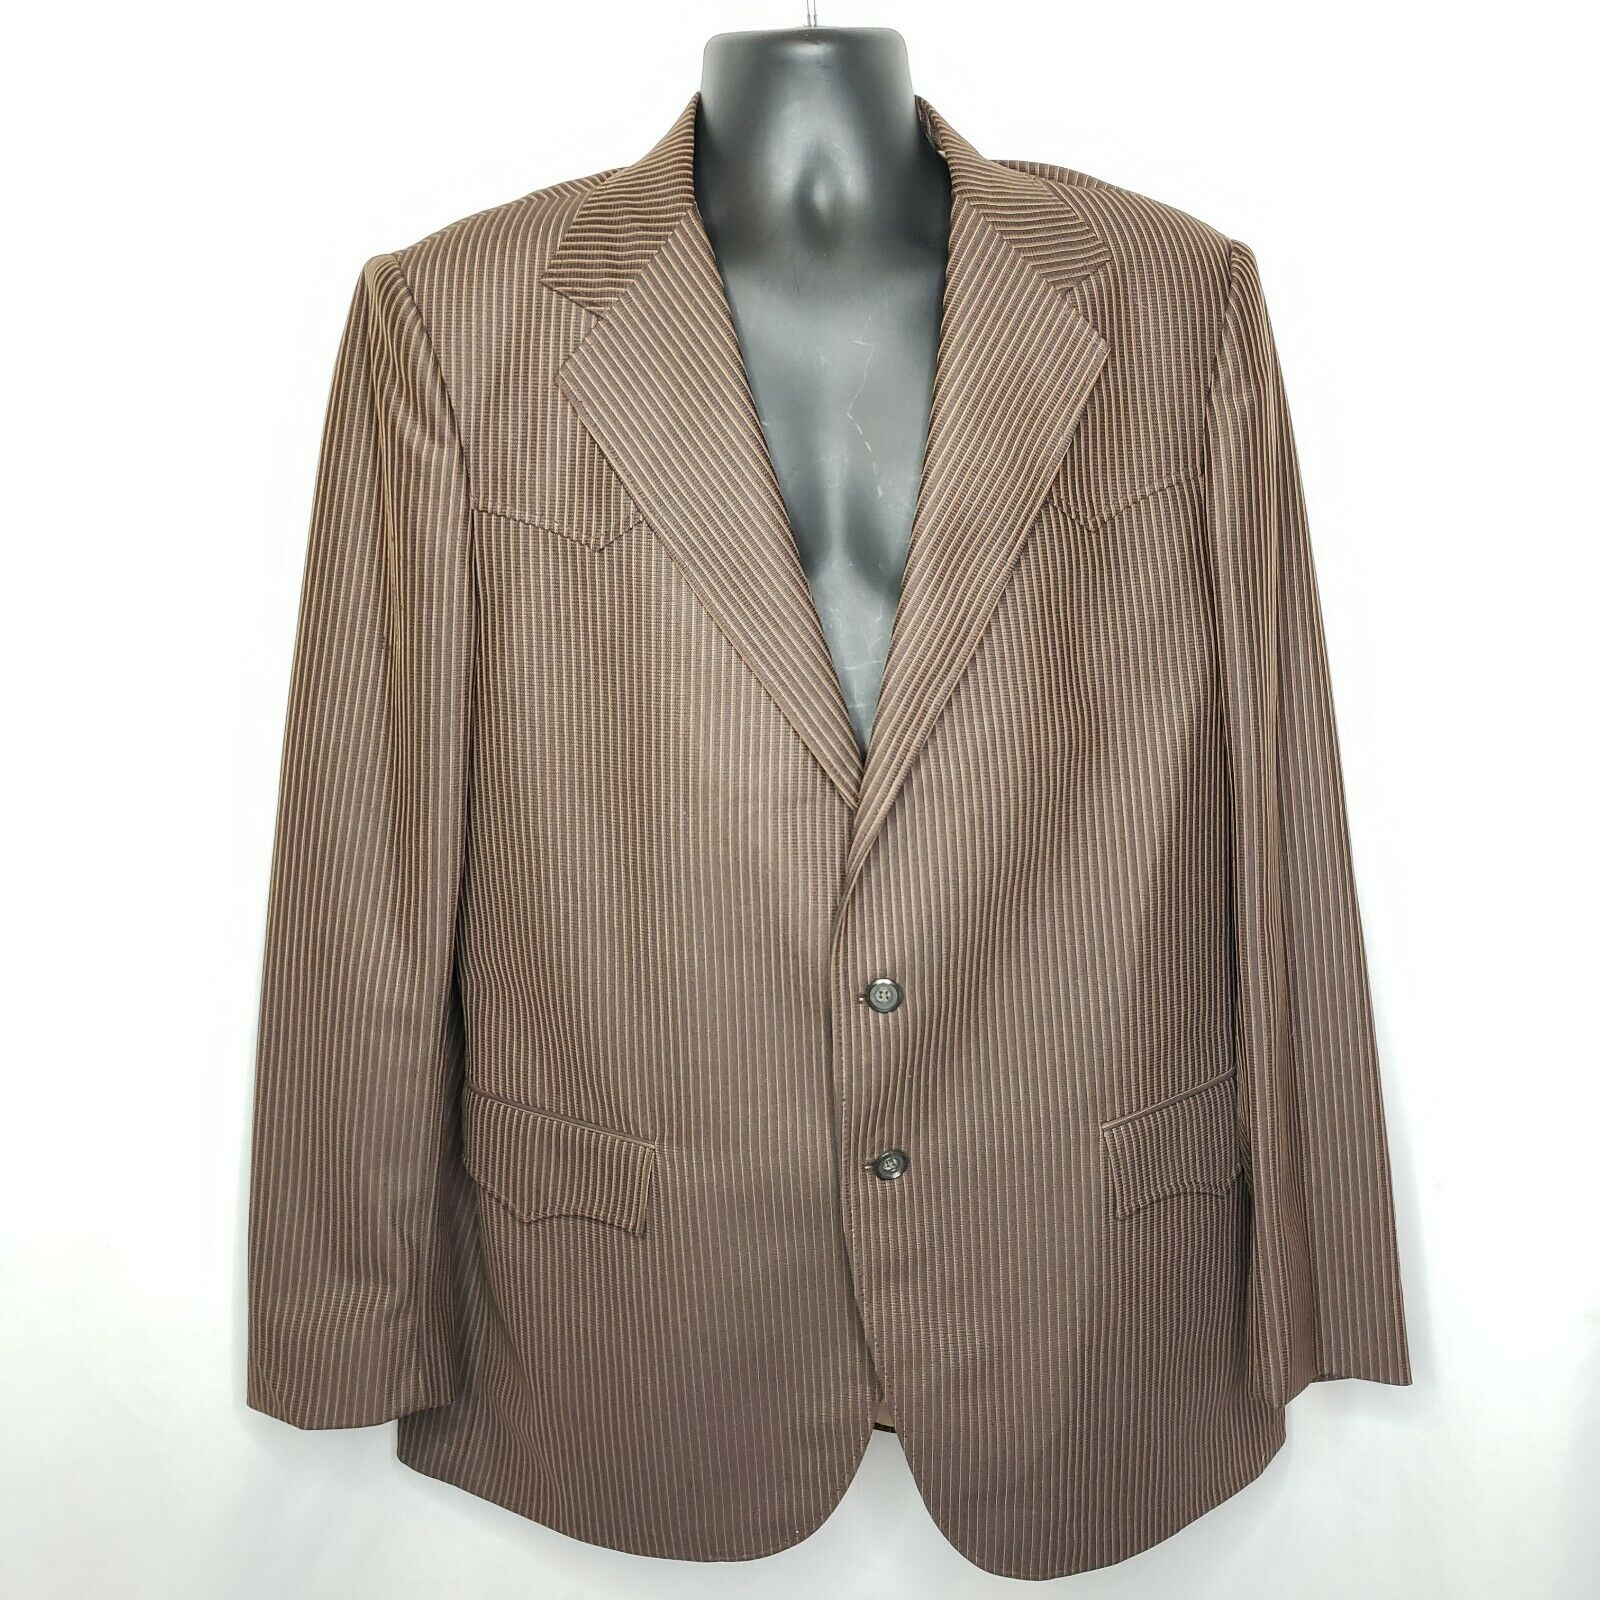 Ranchman Lasso Vintage Western Rockabilly Suit Ja… - image 1